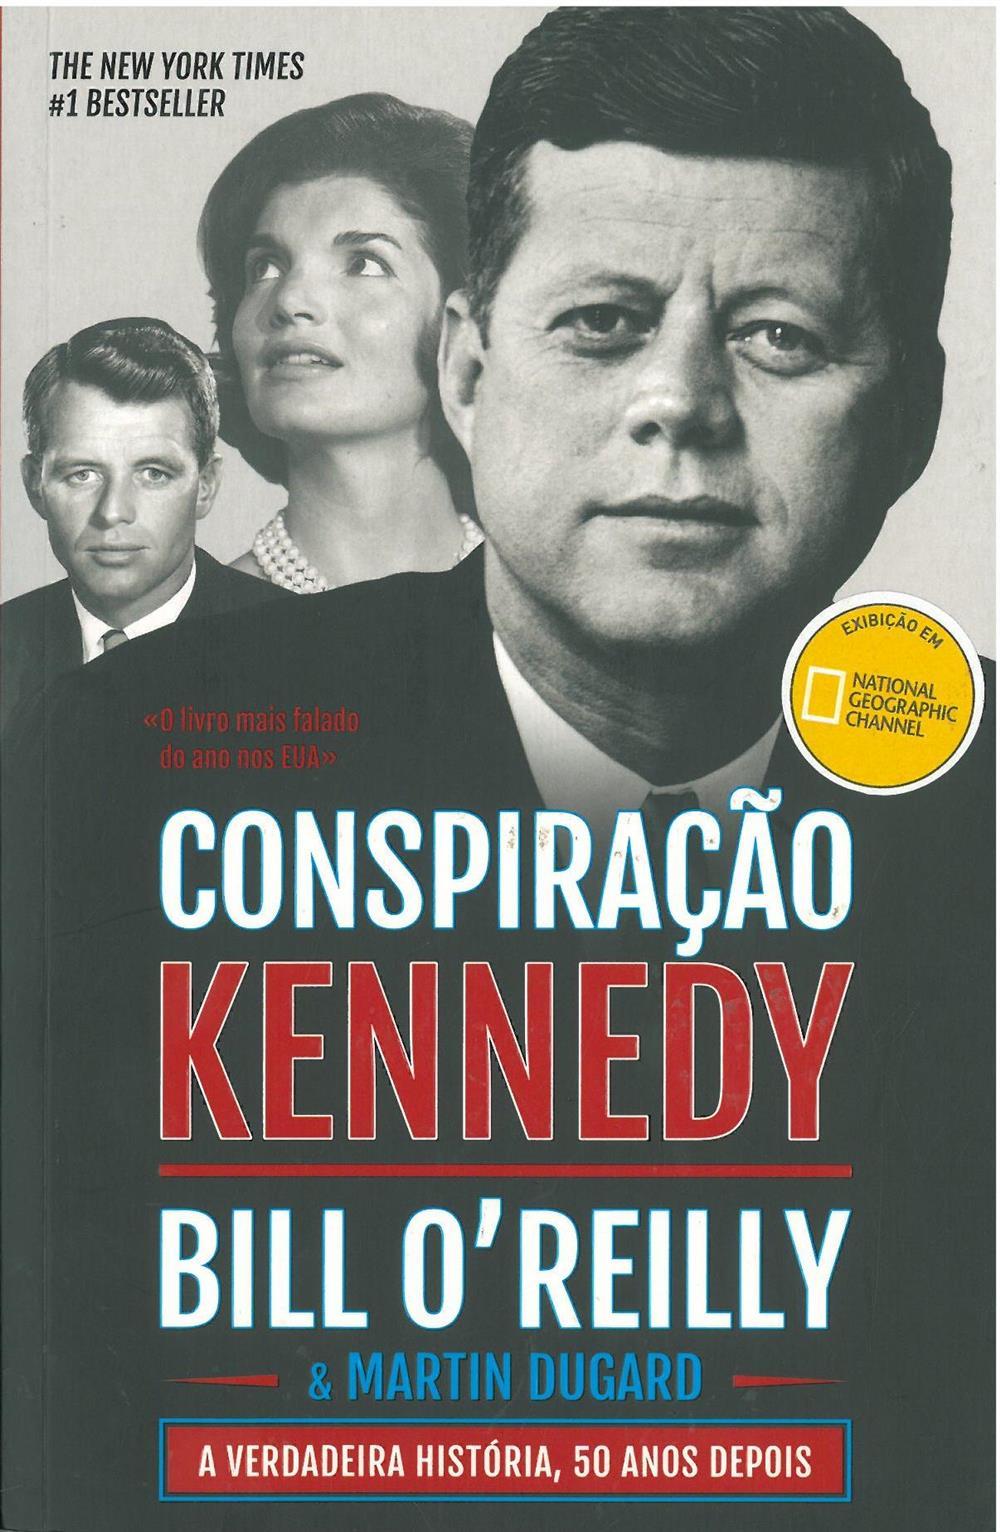 Conspiração Kennedy_.jpg